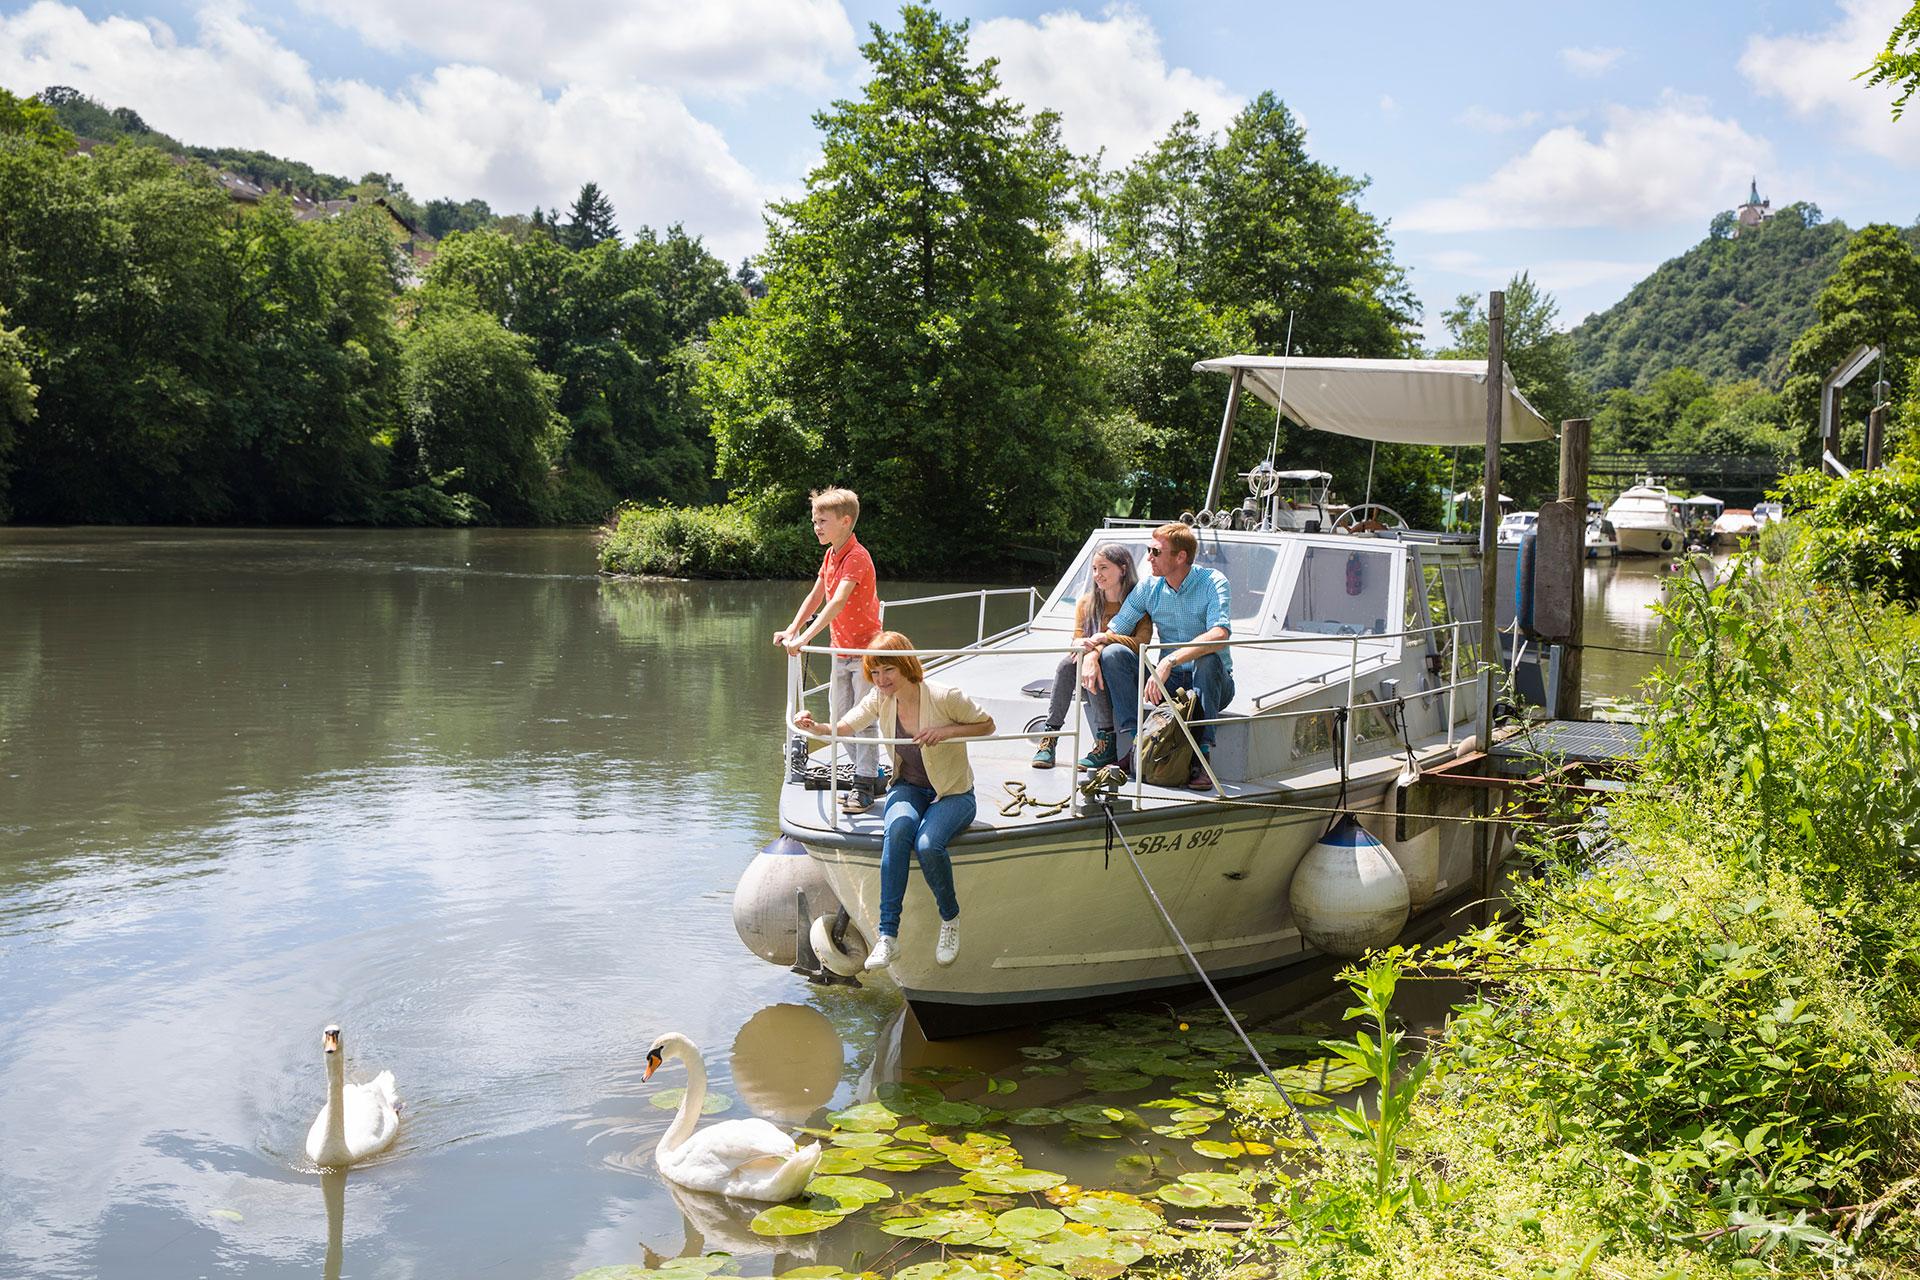 Fotografie-Wandern-Lahn-Fluss